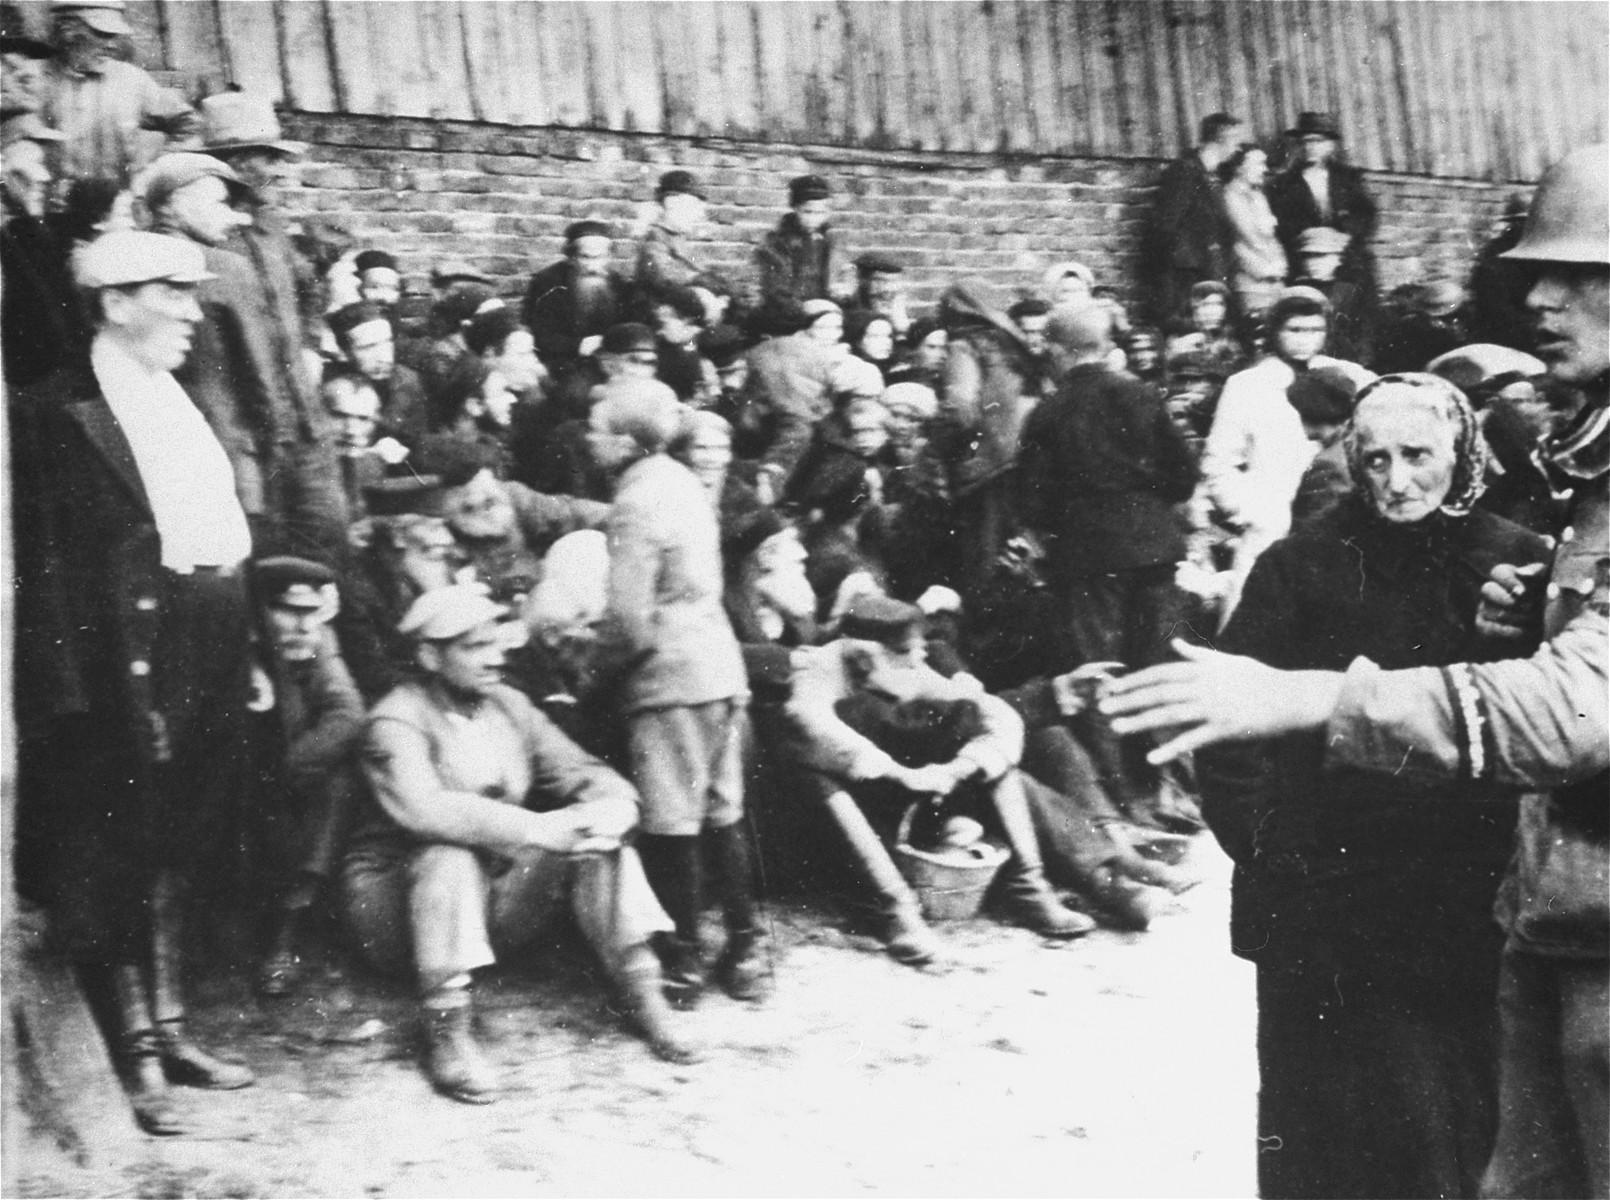 Round-up of Jews in Tomasow Mazowiecki.